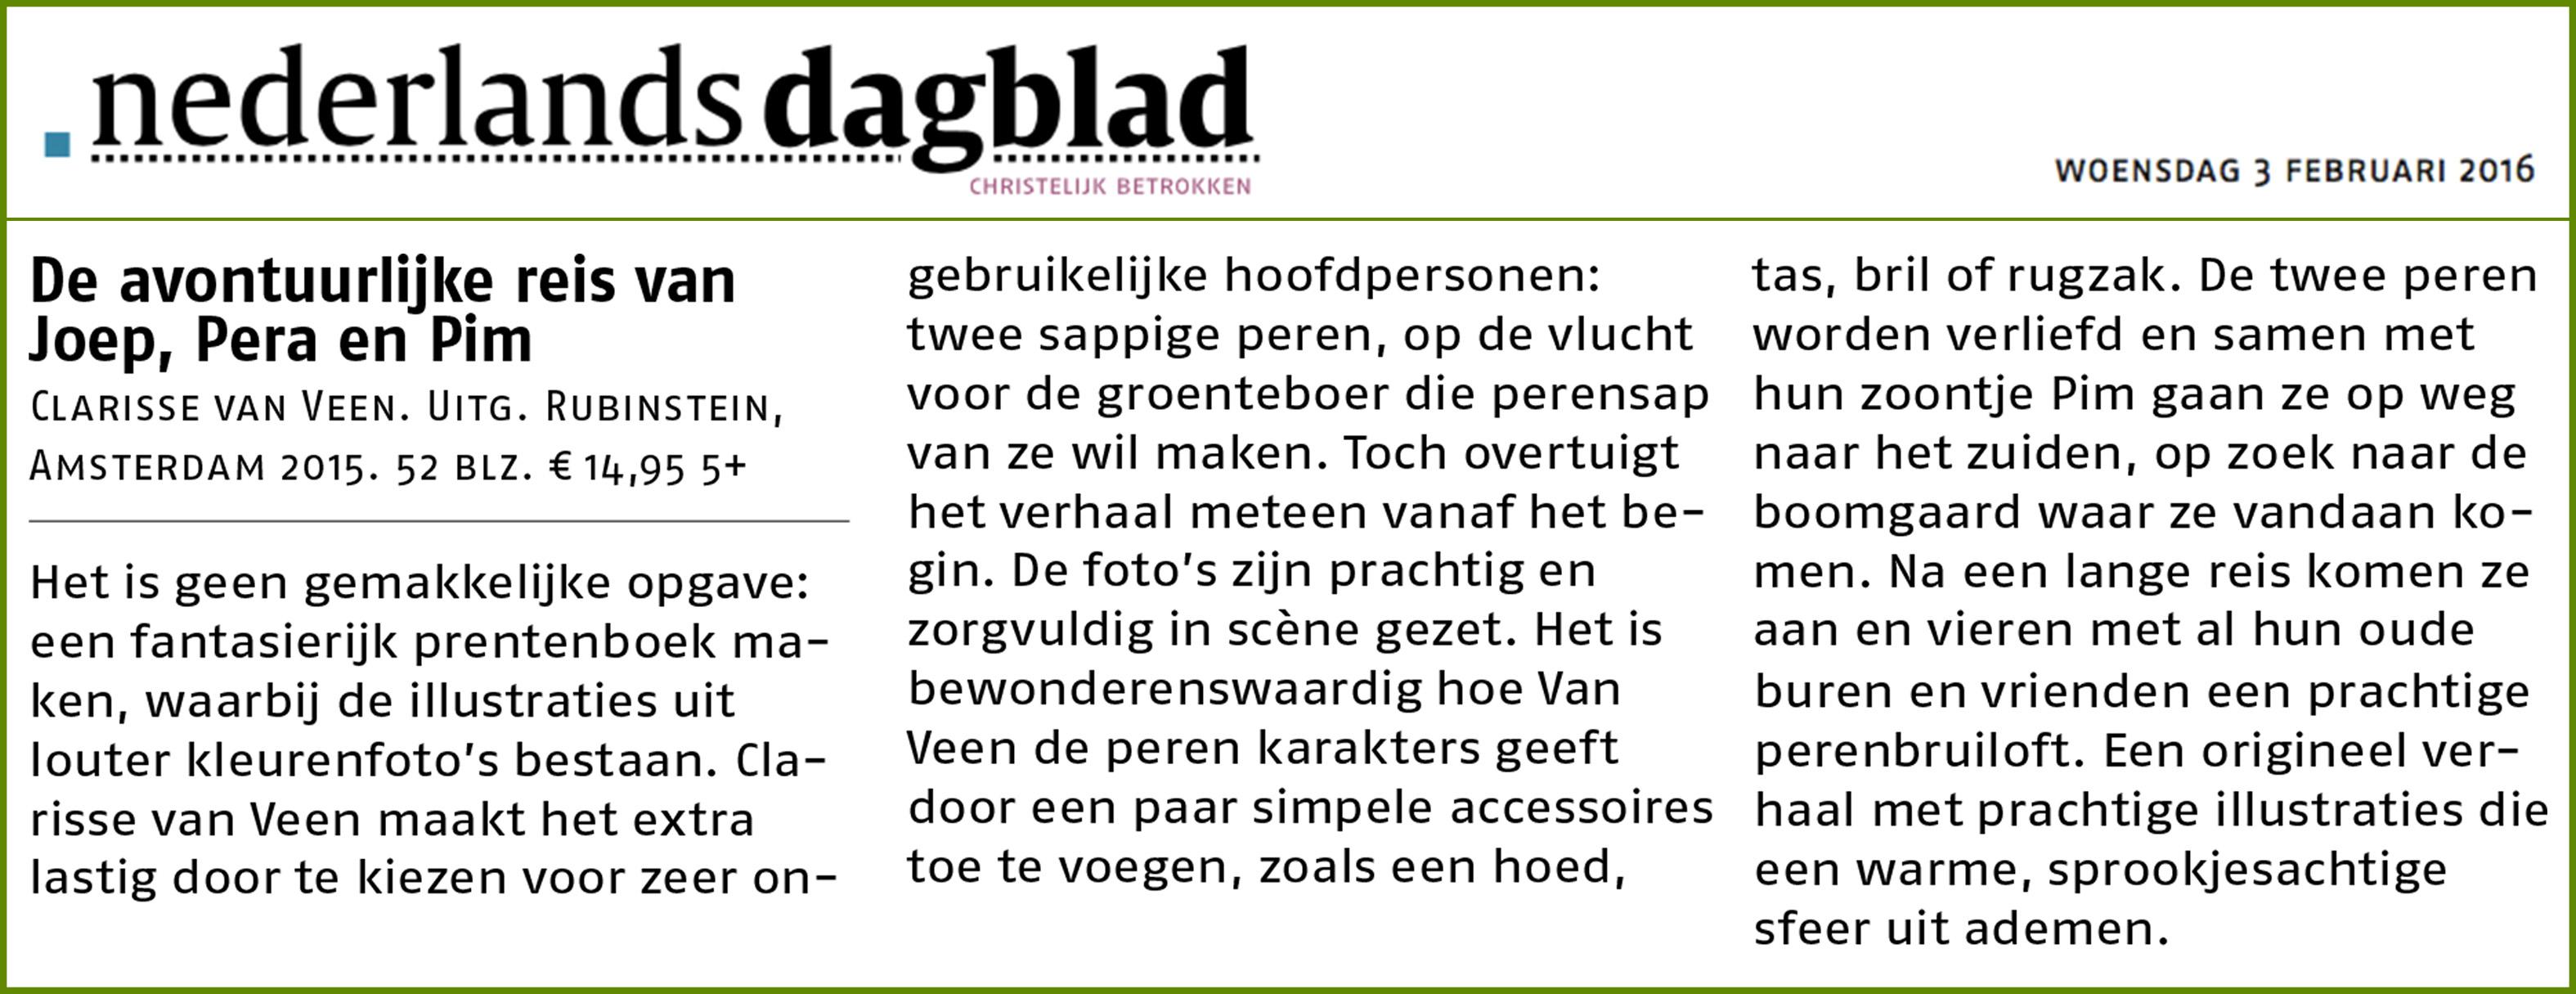 Recensie_nederlands_dagblad